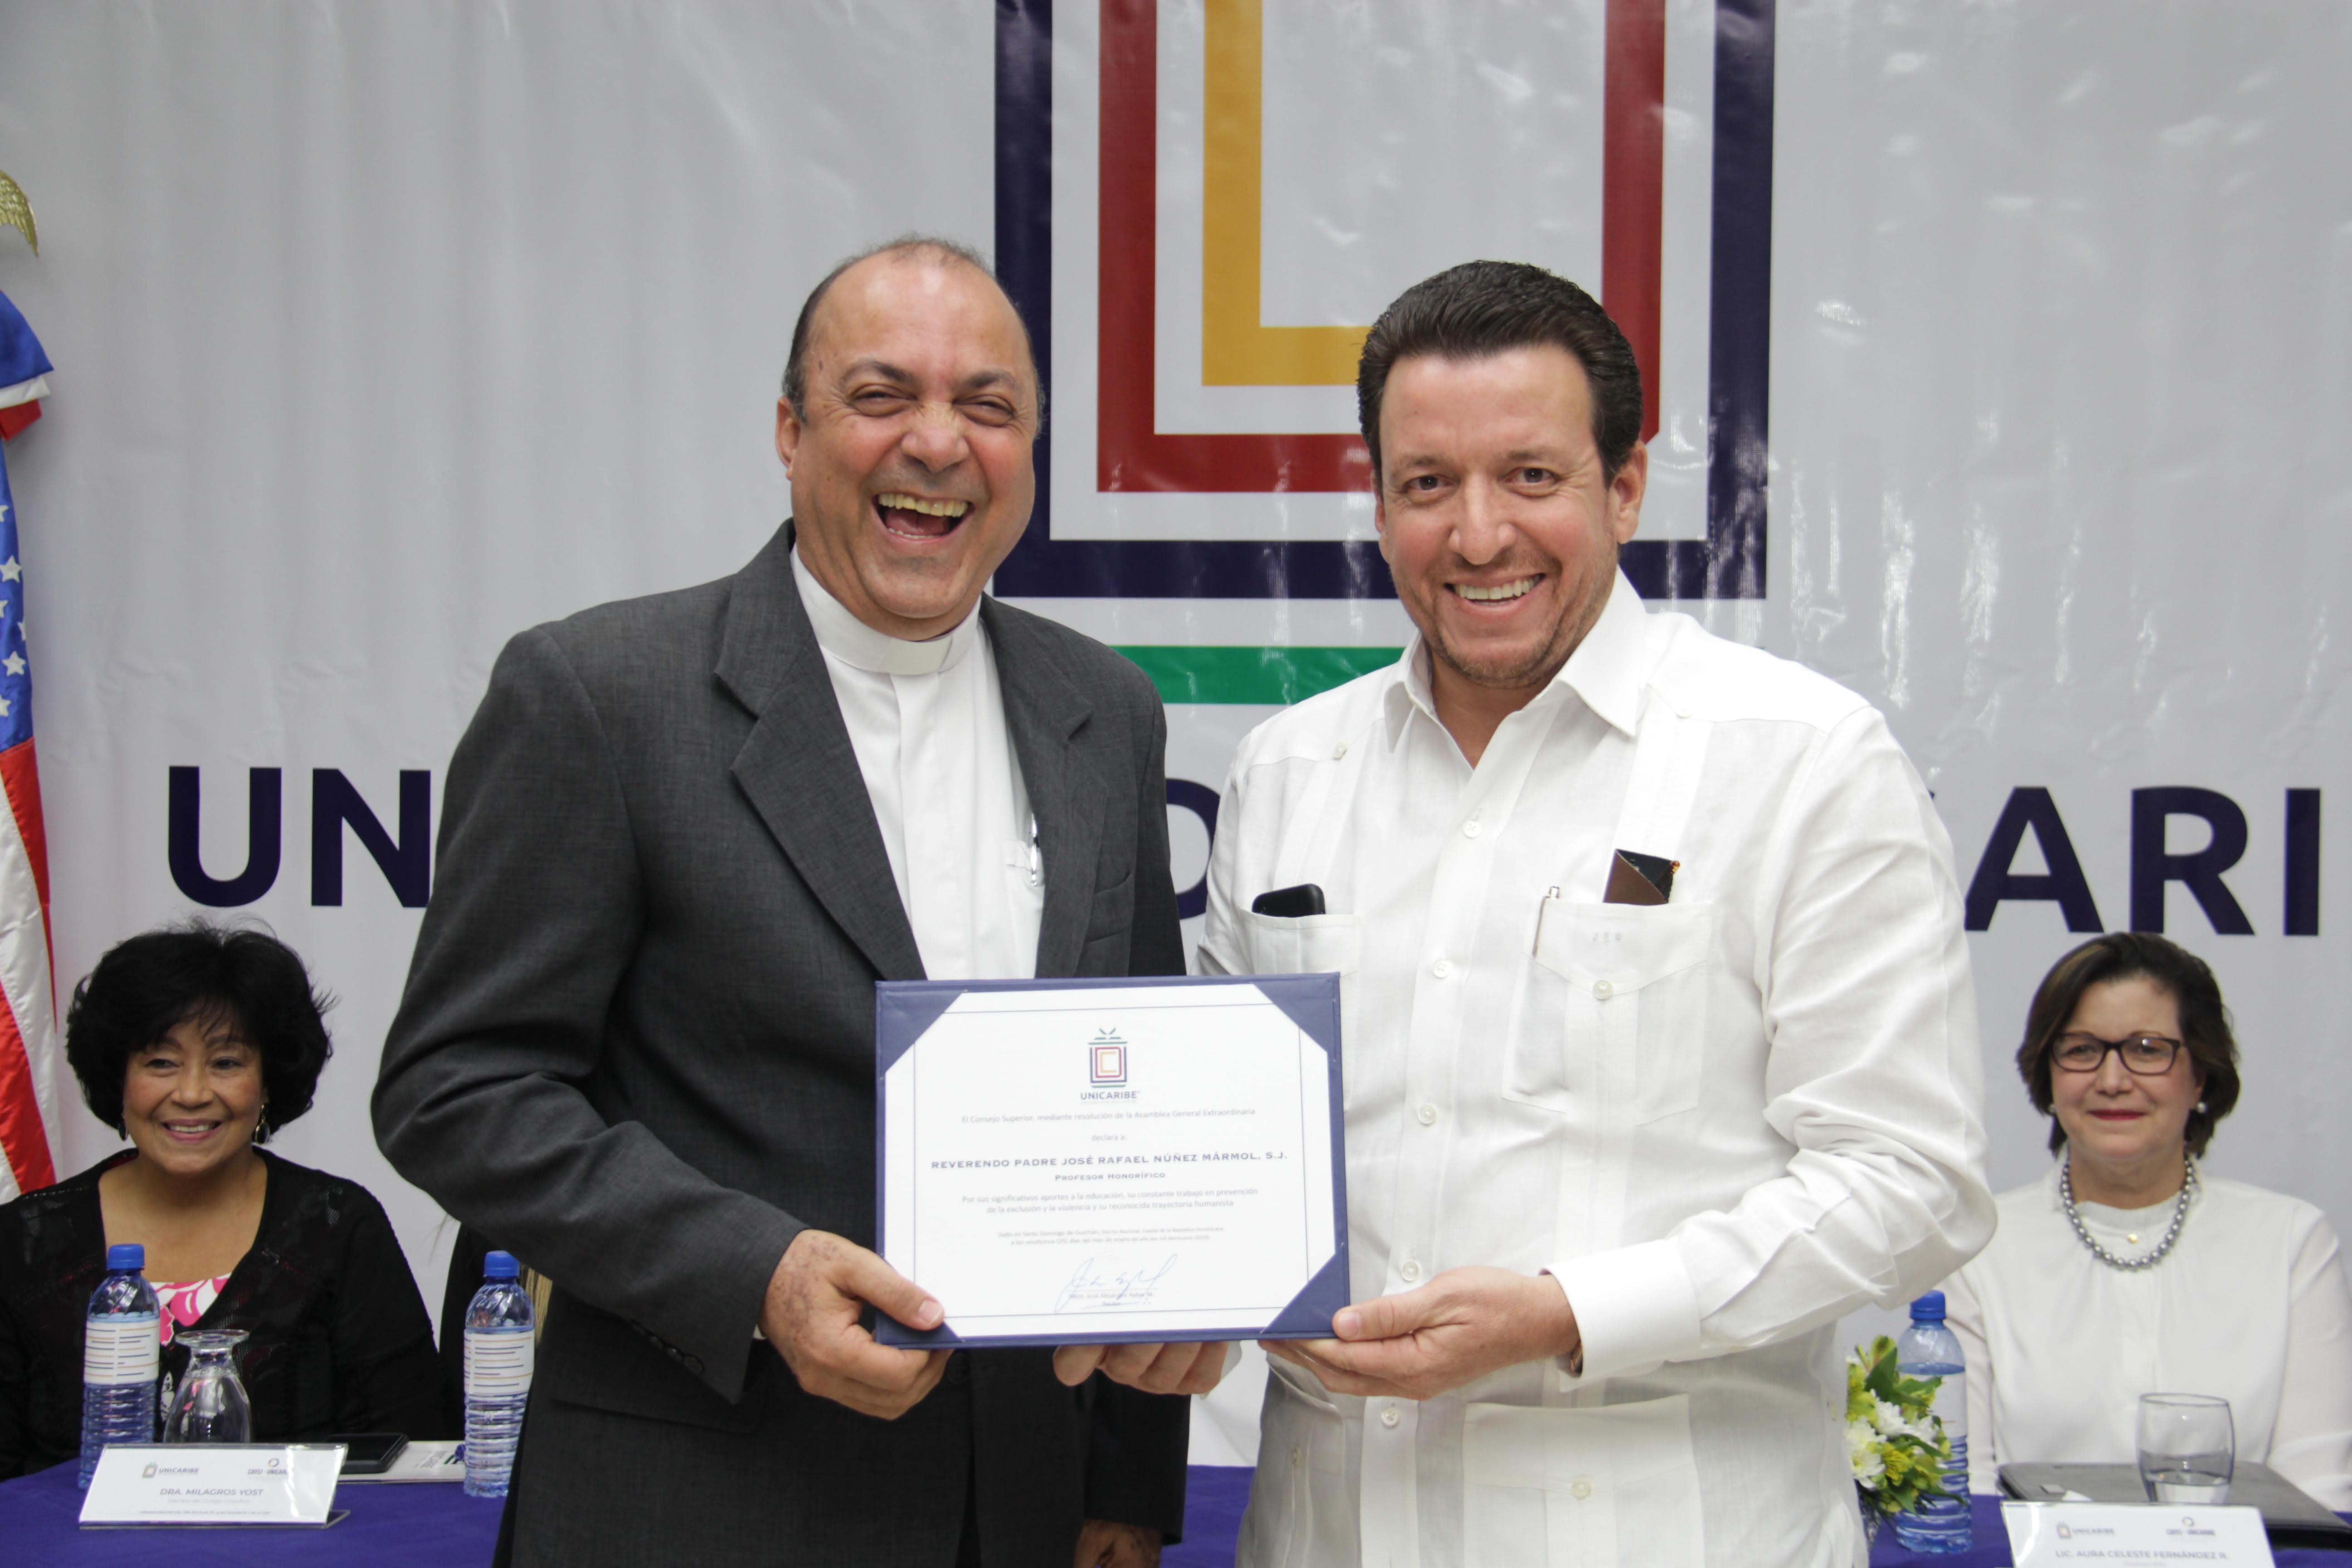 Noticias PALABRAS DE AURA CELESTE FERNANDEZ R., DIRECTORA DEL CAYEI-UNICARIBE EN EL ACTO EN CONMEMORACIÓN DEL DÍA ESCOLAR DE LA NO VIOLENCIA Y DE LA PAZ. 30 DE ENERO DE 2019.